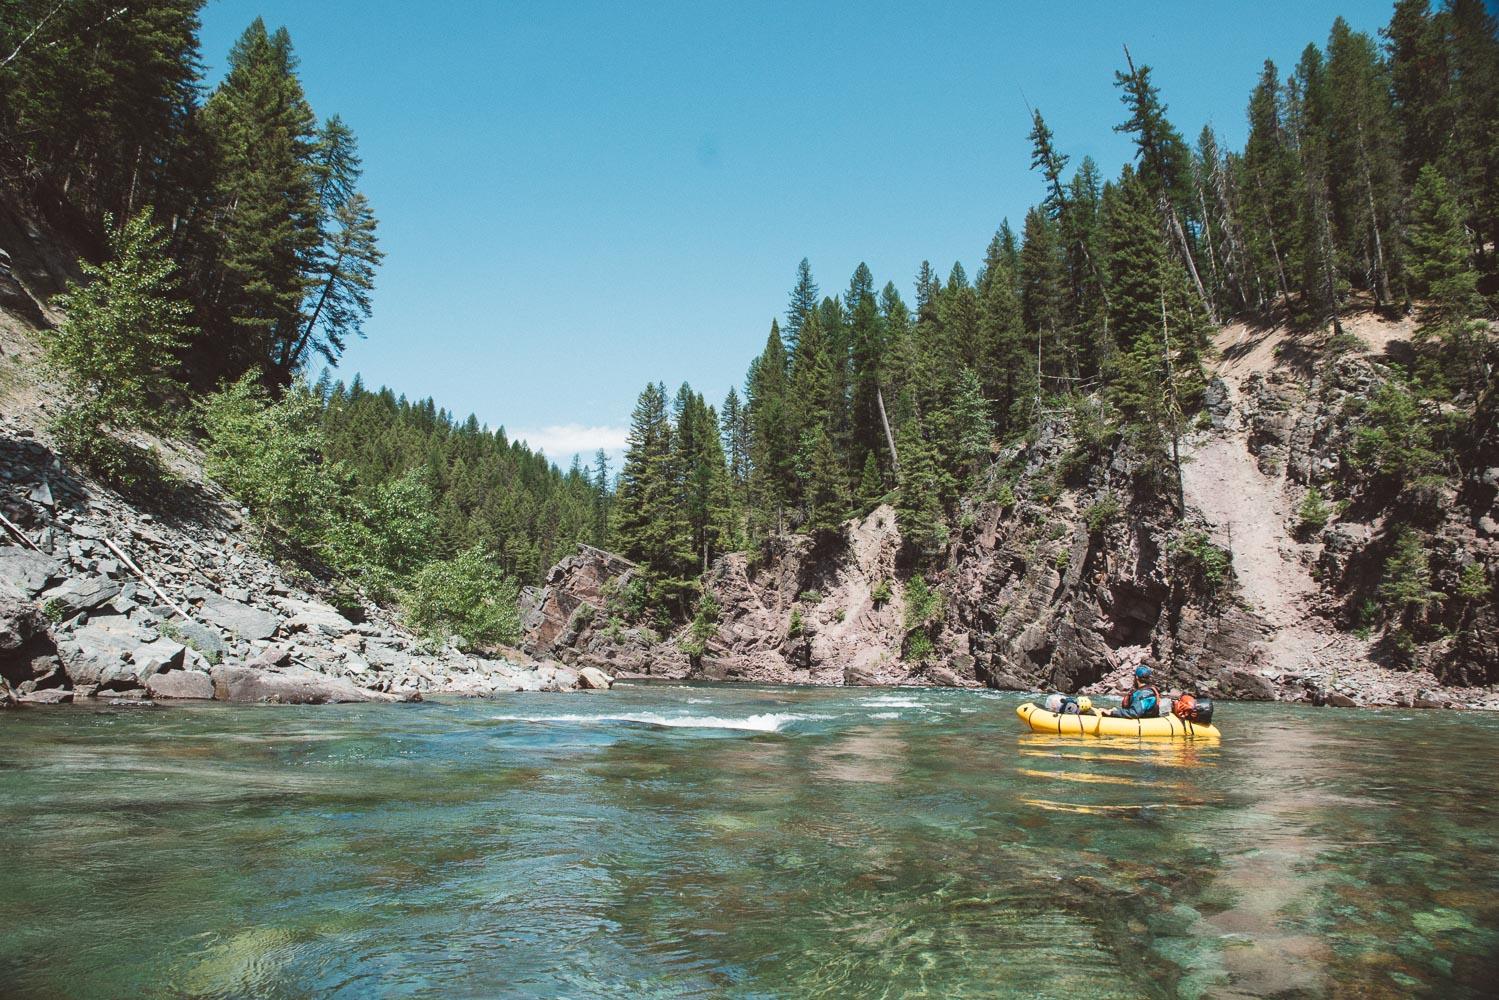 Zane floating along the roadside section below Bear Creek.